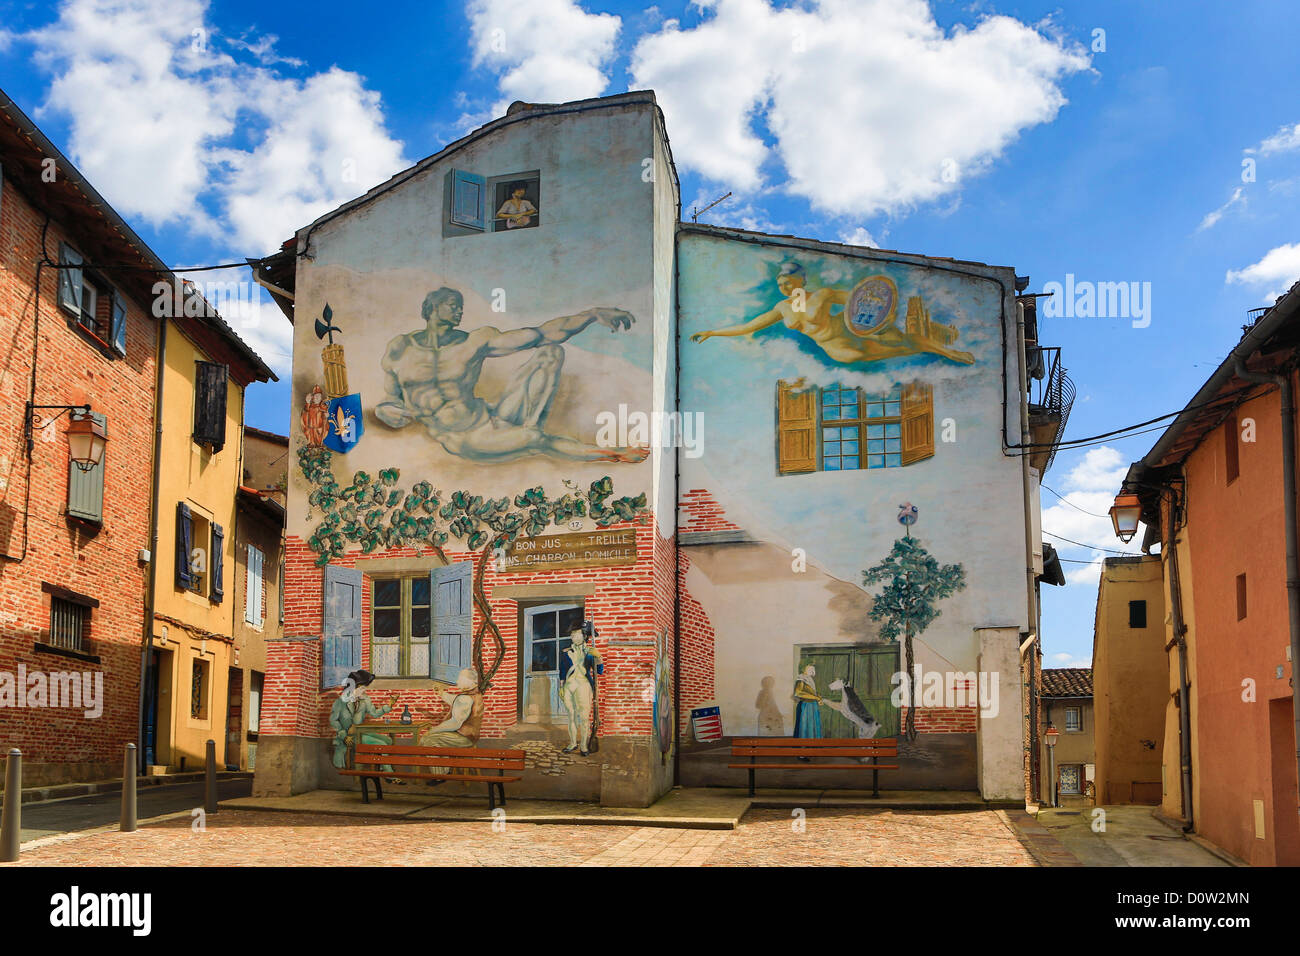 Frankreich, Europa, Reisen, Albi, Altstadt, Wandmalerei, Architektur, Kunst, künstlerische, bunt, mittelalterliche, Stockbild